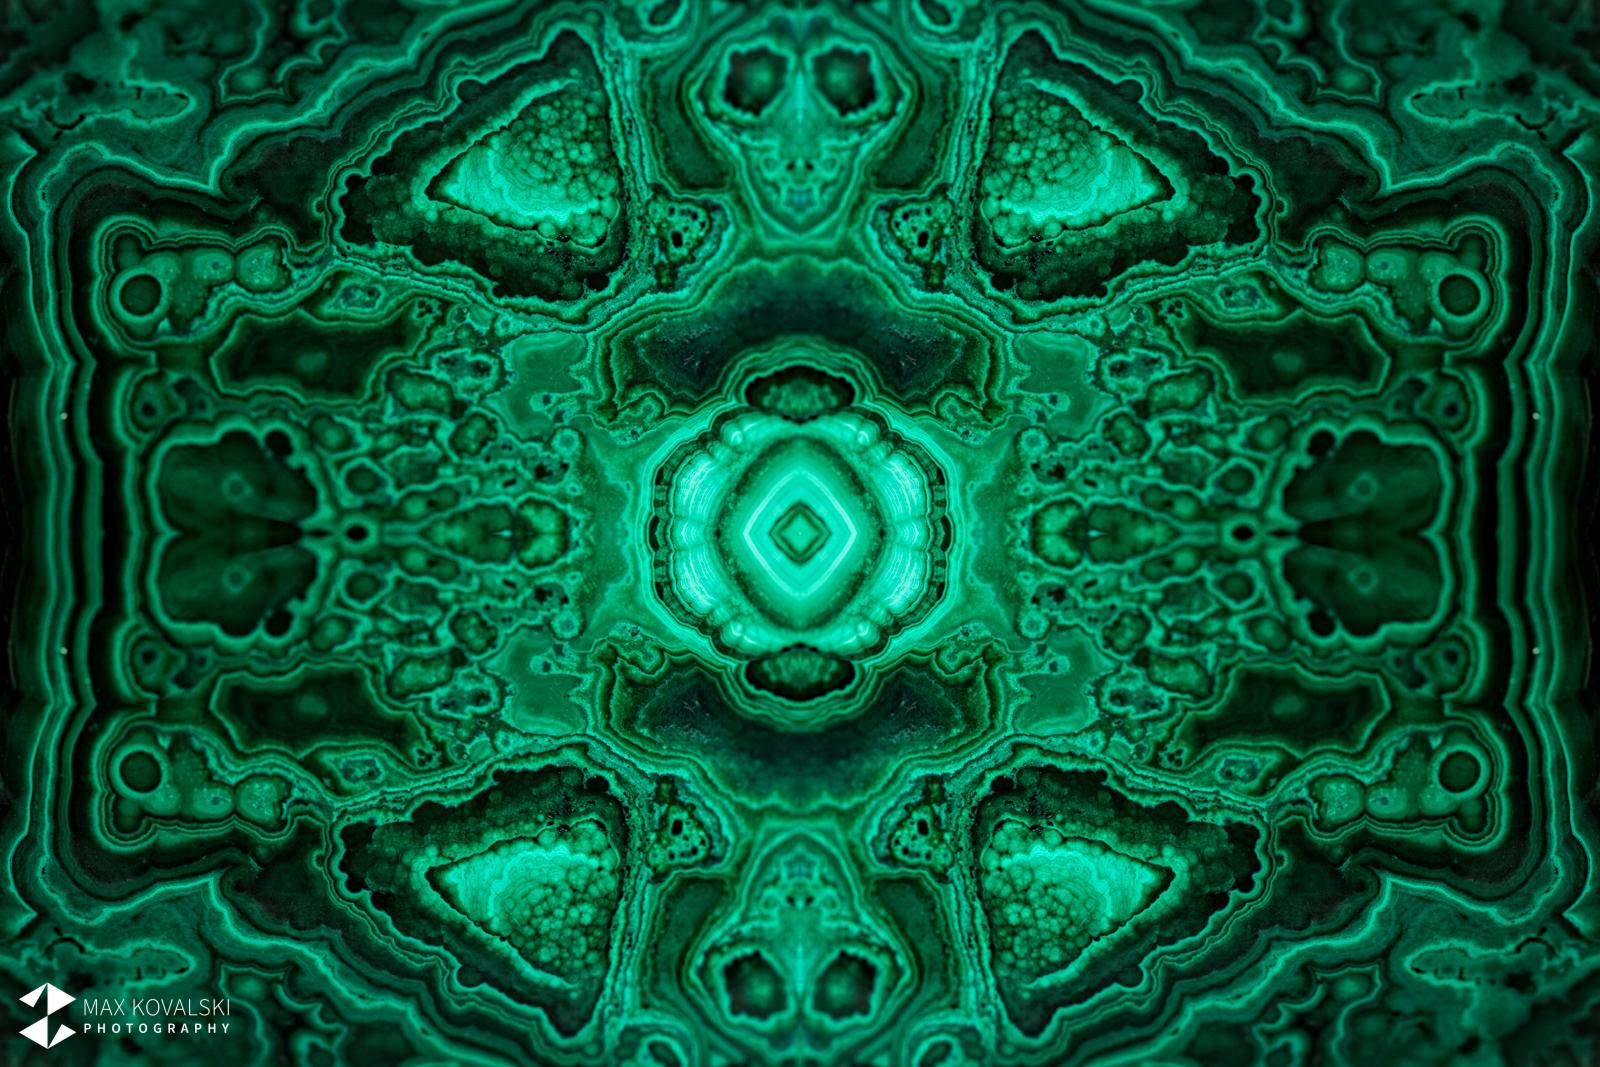 קולאז' של מלאכיט. עיצוב וצילום: מקס קובלסקי Photo by Max Kovalski www.maxkov.com